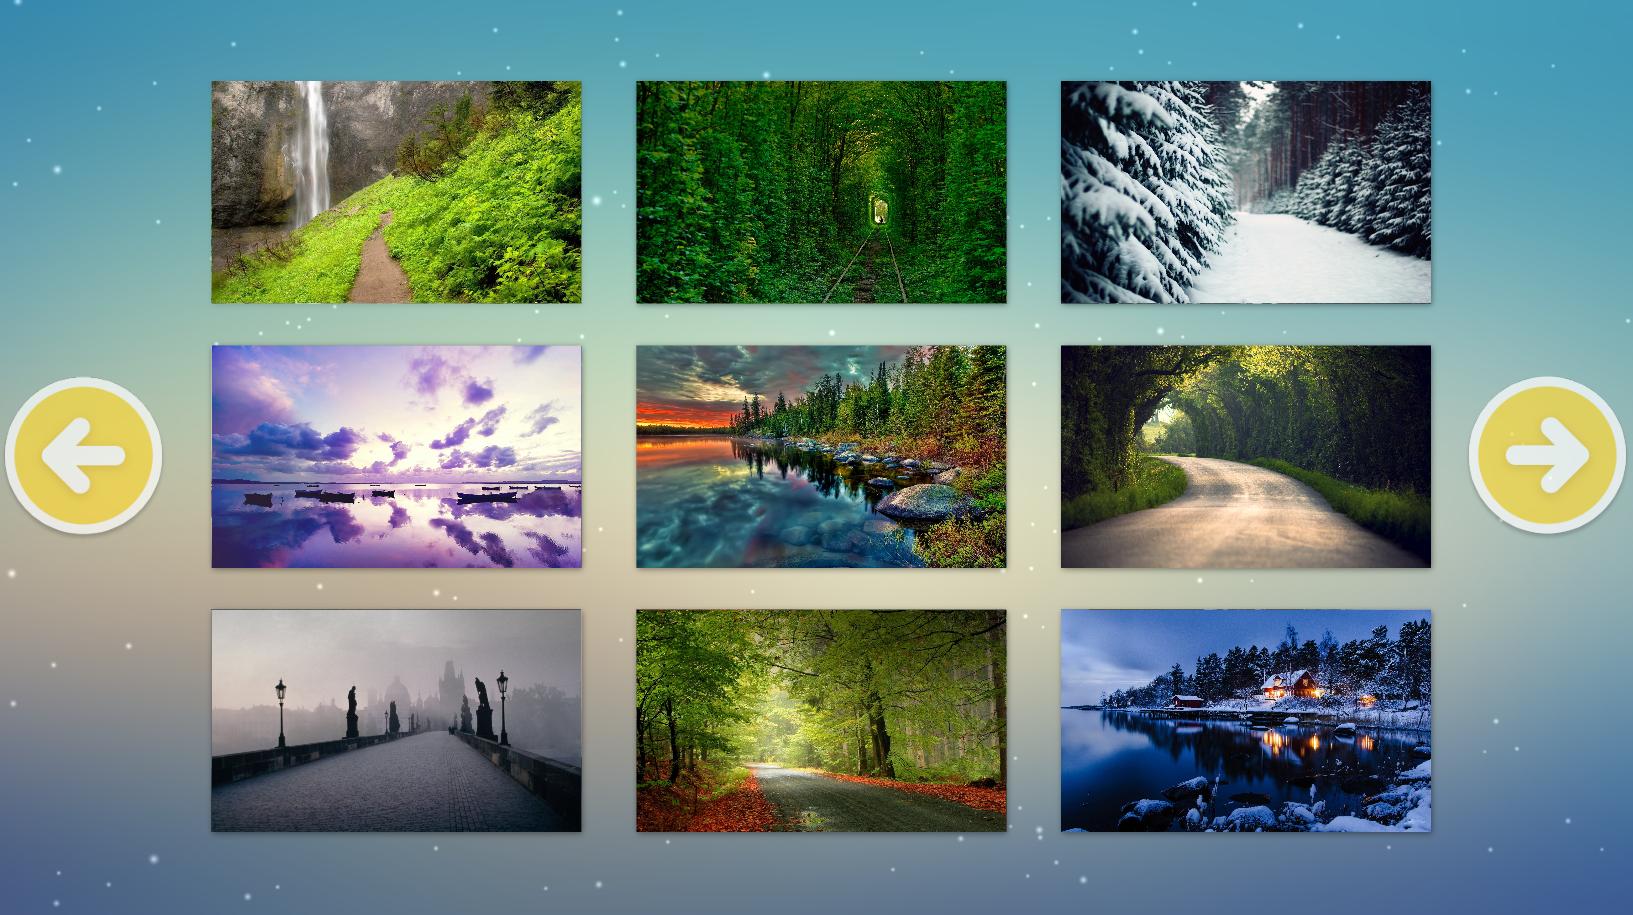 魔法师科技 绿幕拍照软件